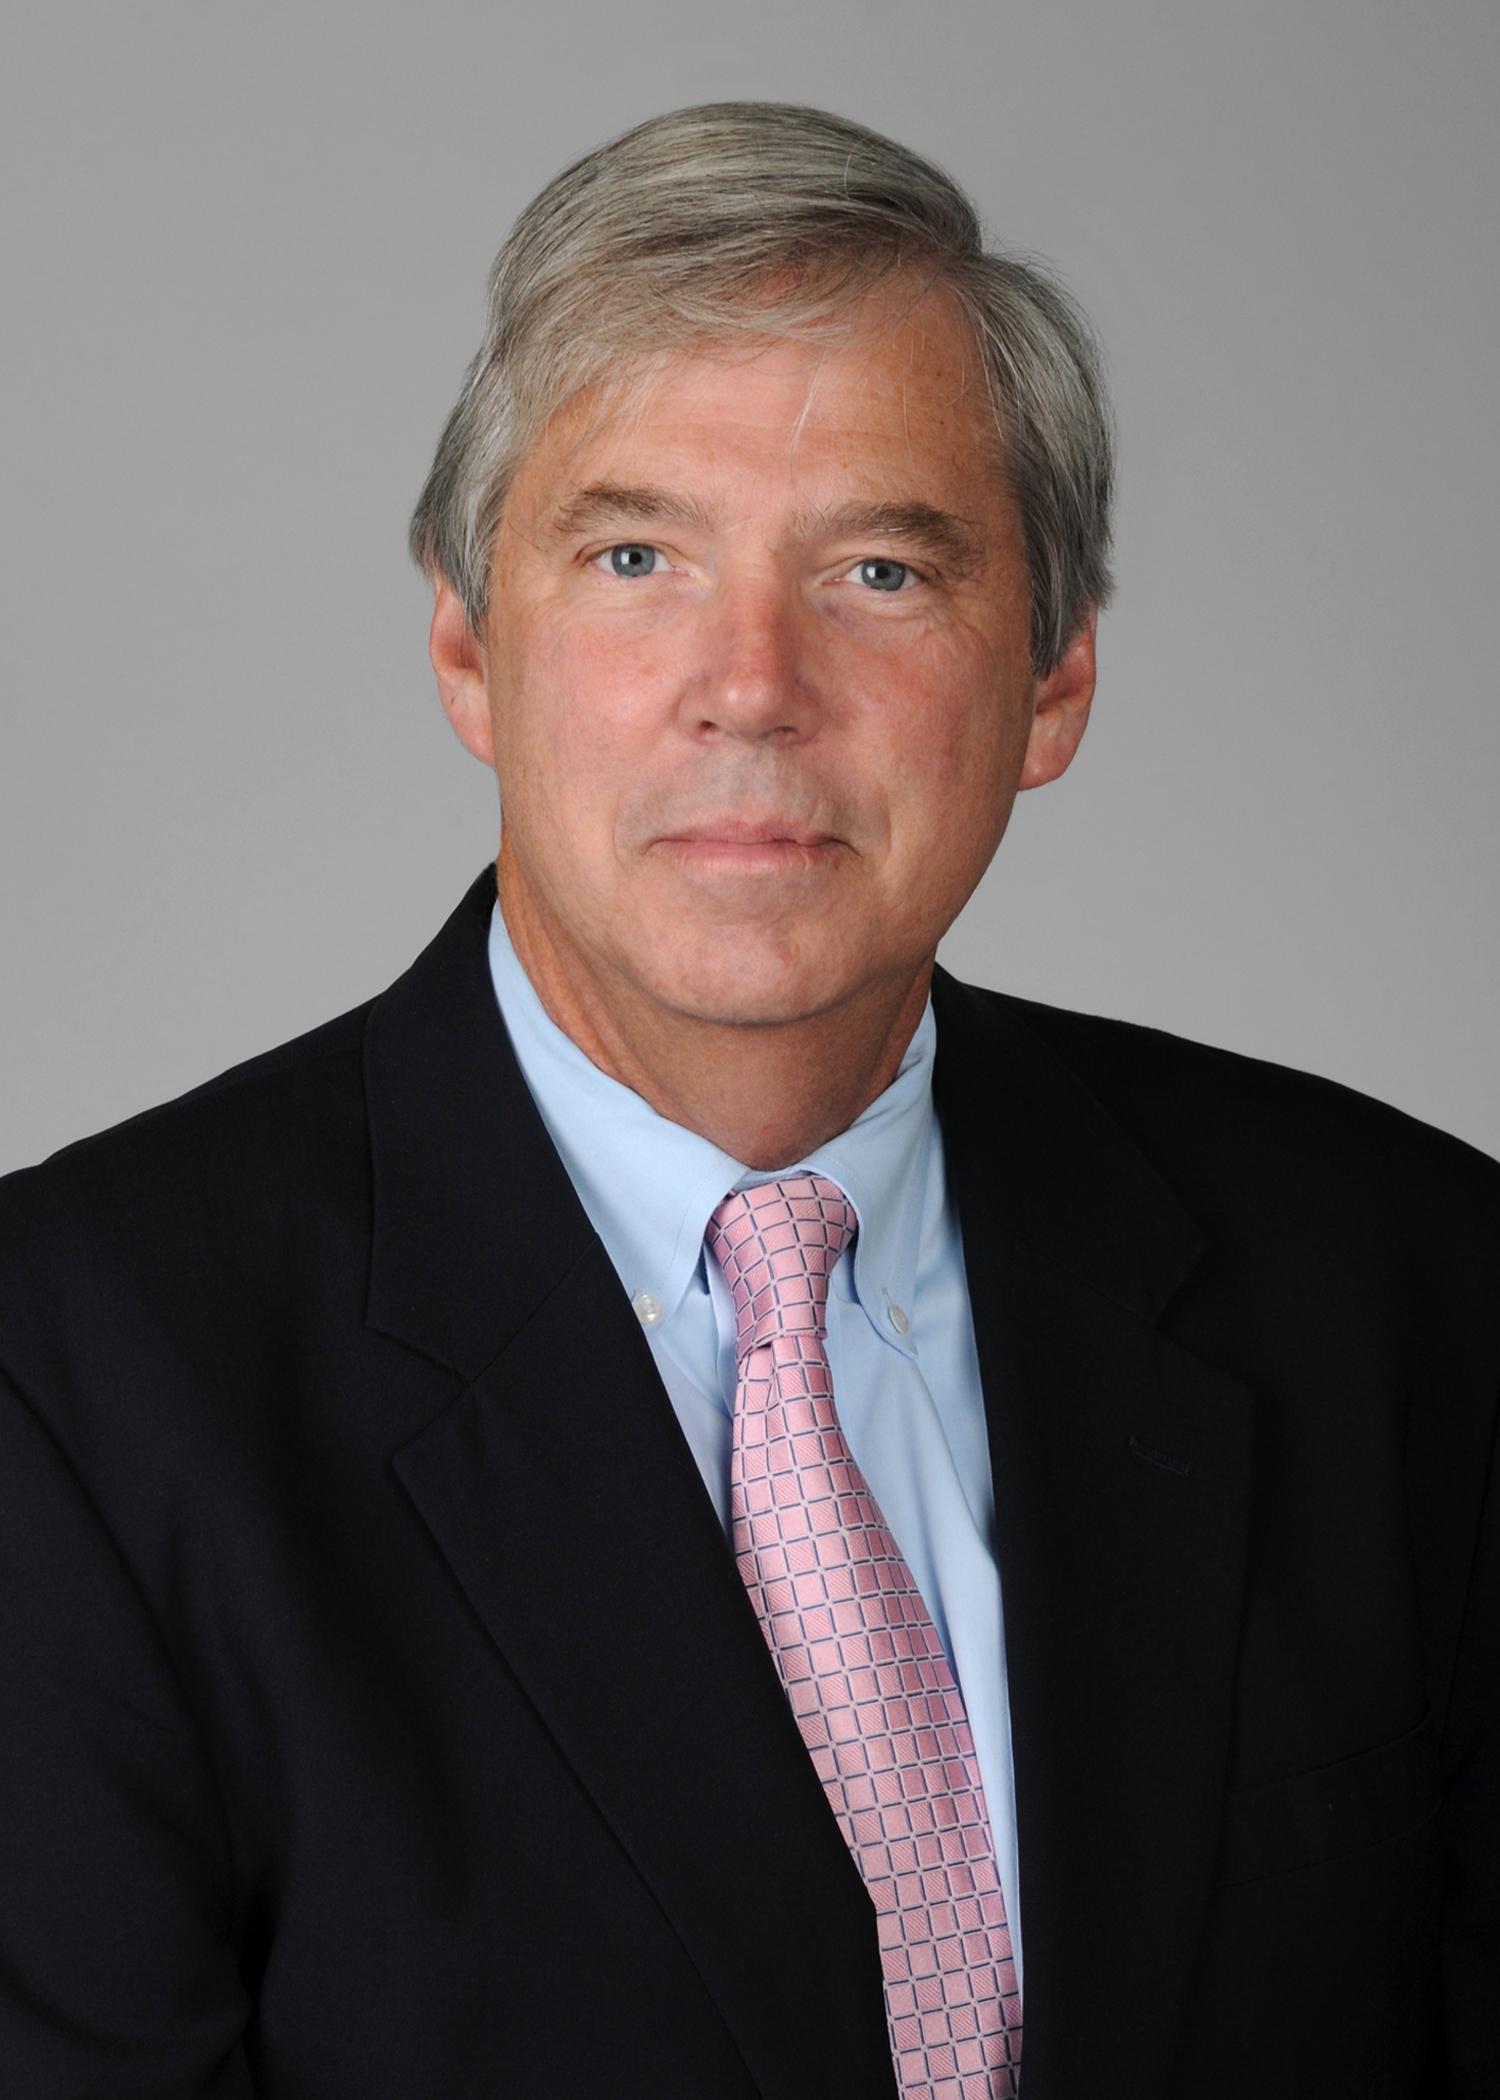 K. Michael Cummings, Ph.D, M.P.H. (2021 Honoree)